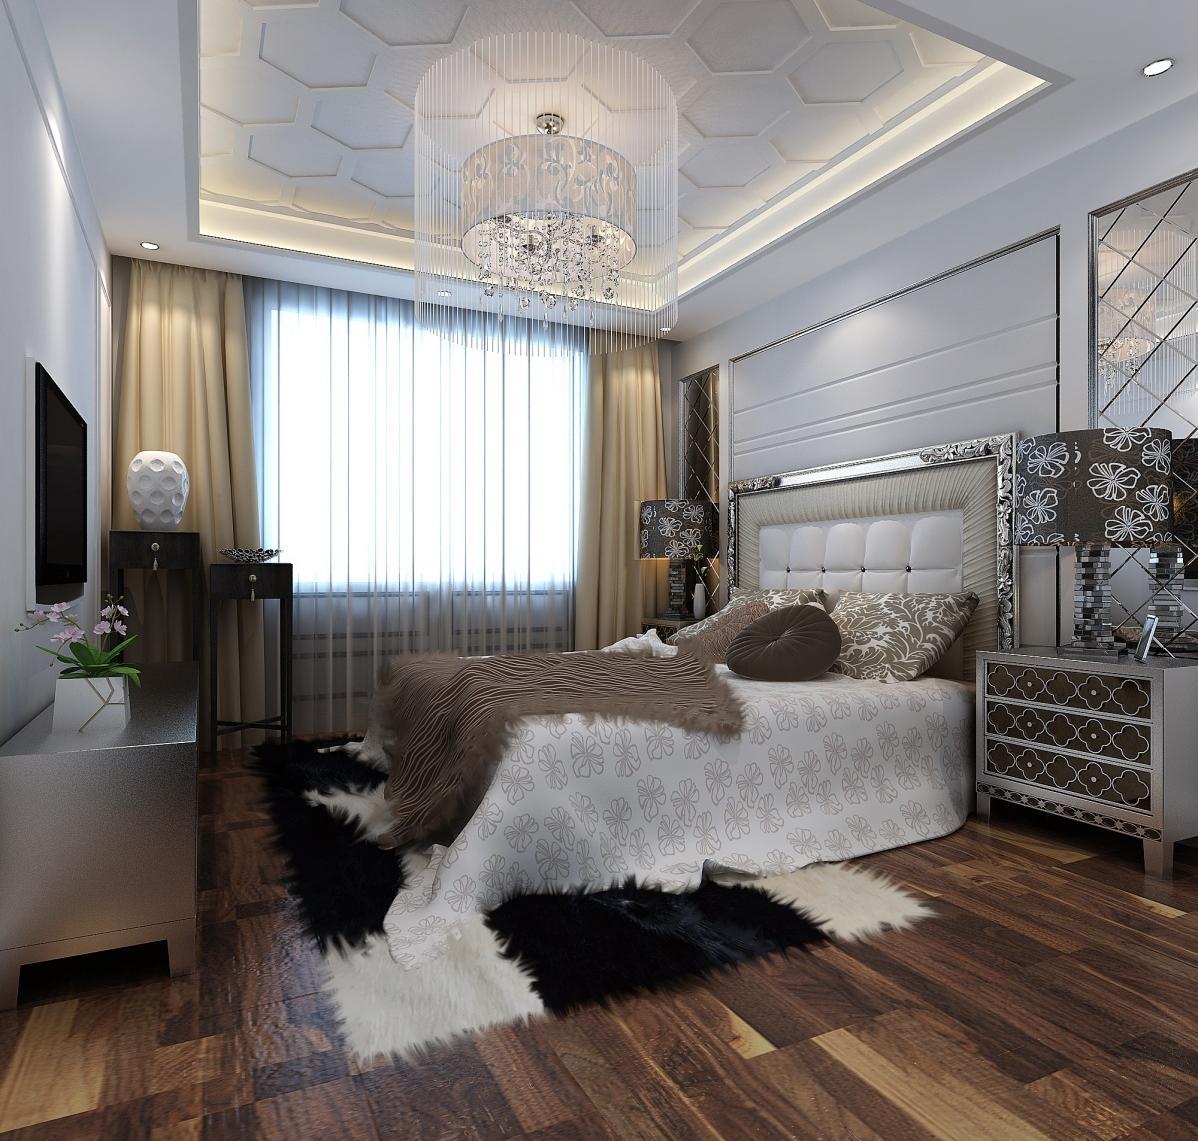 ارضية باركيه بغرفة نوم طراز اوربي | المرسال